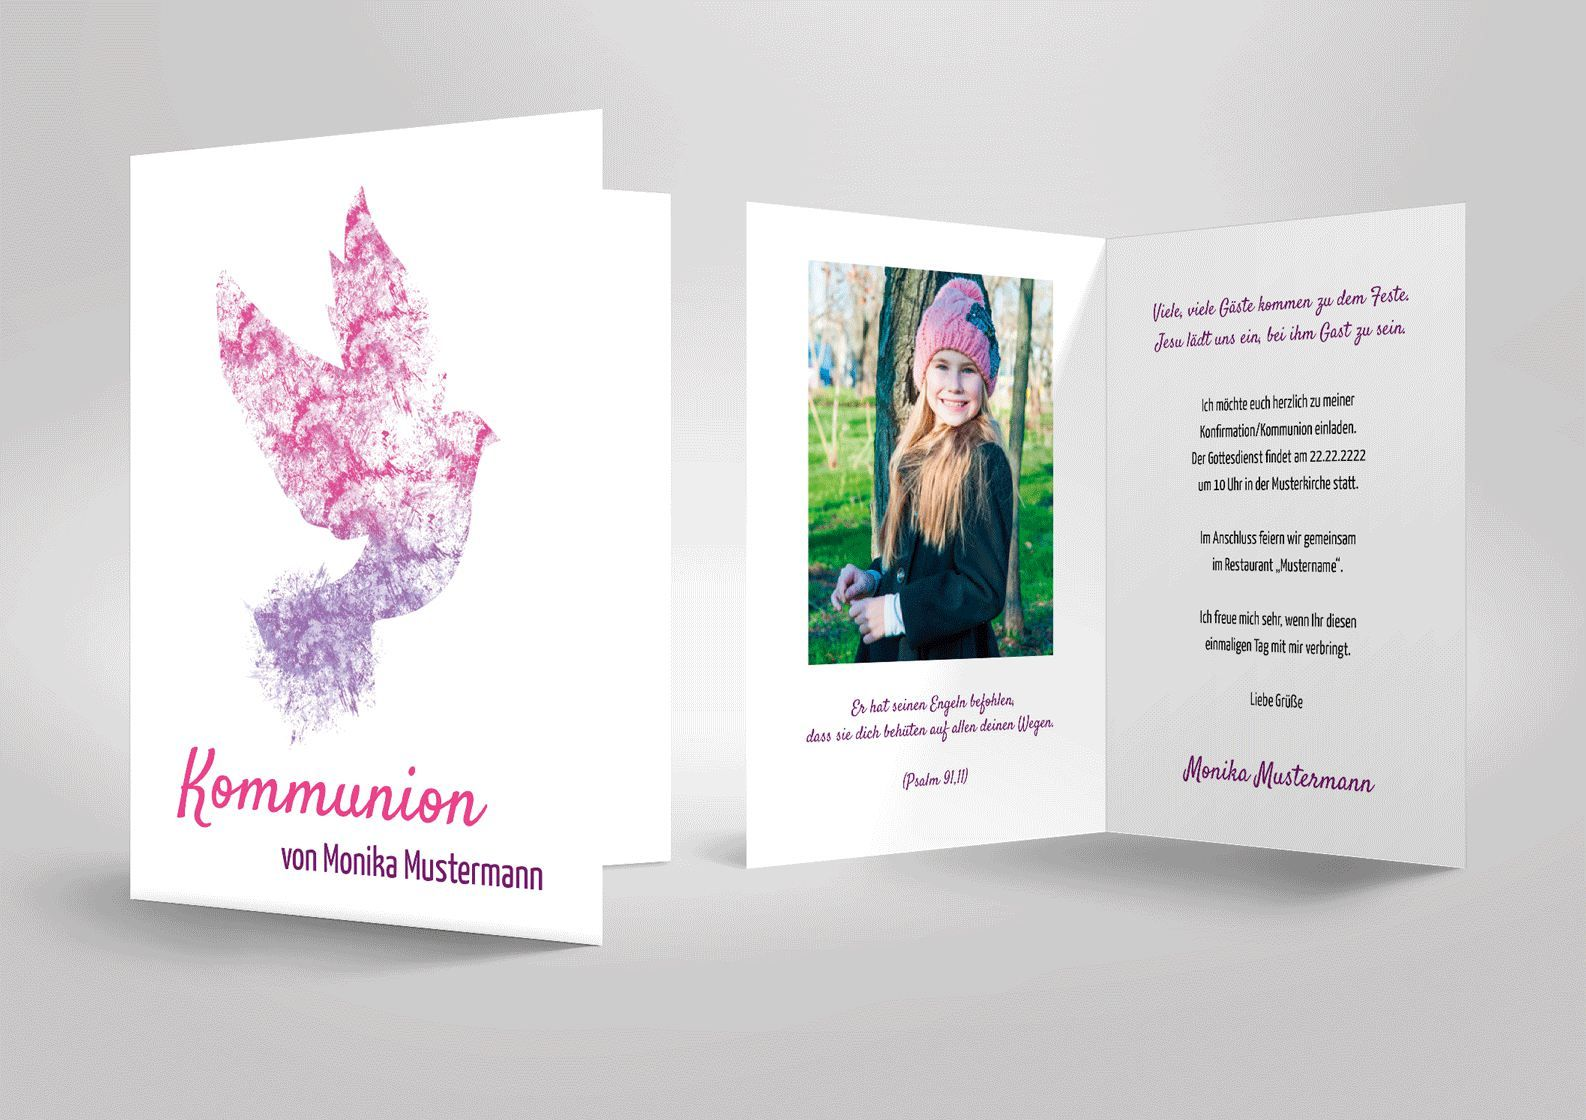 Einladungskarten Selber Drucken Kostenlos : Einladungskarten  Kindergeburtstag Selber Drucken Kostenlos Online Einladungskarten Online  Einladungskarten